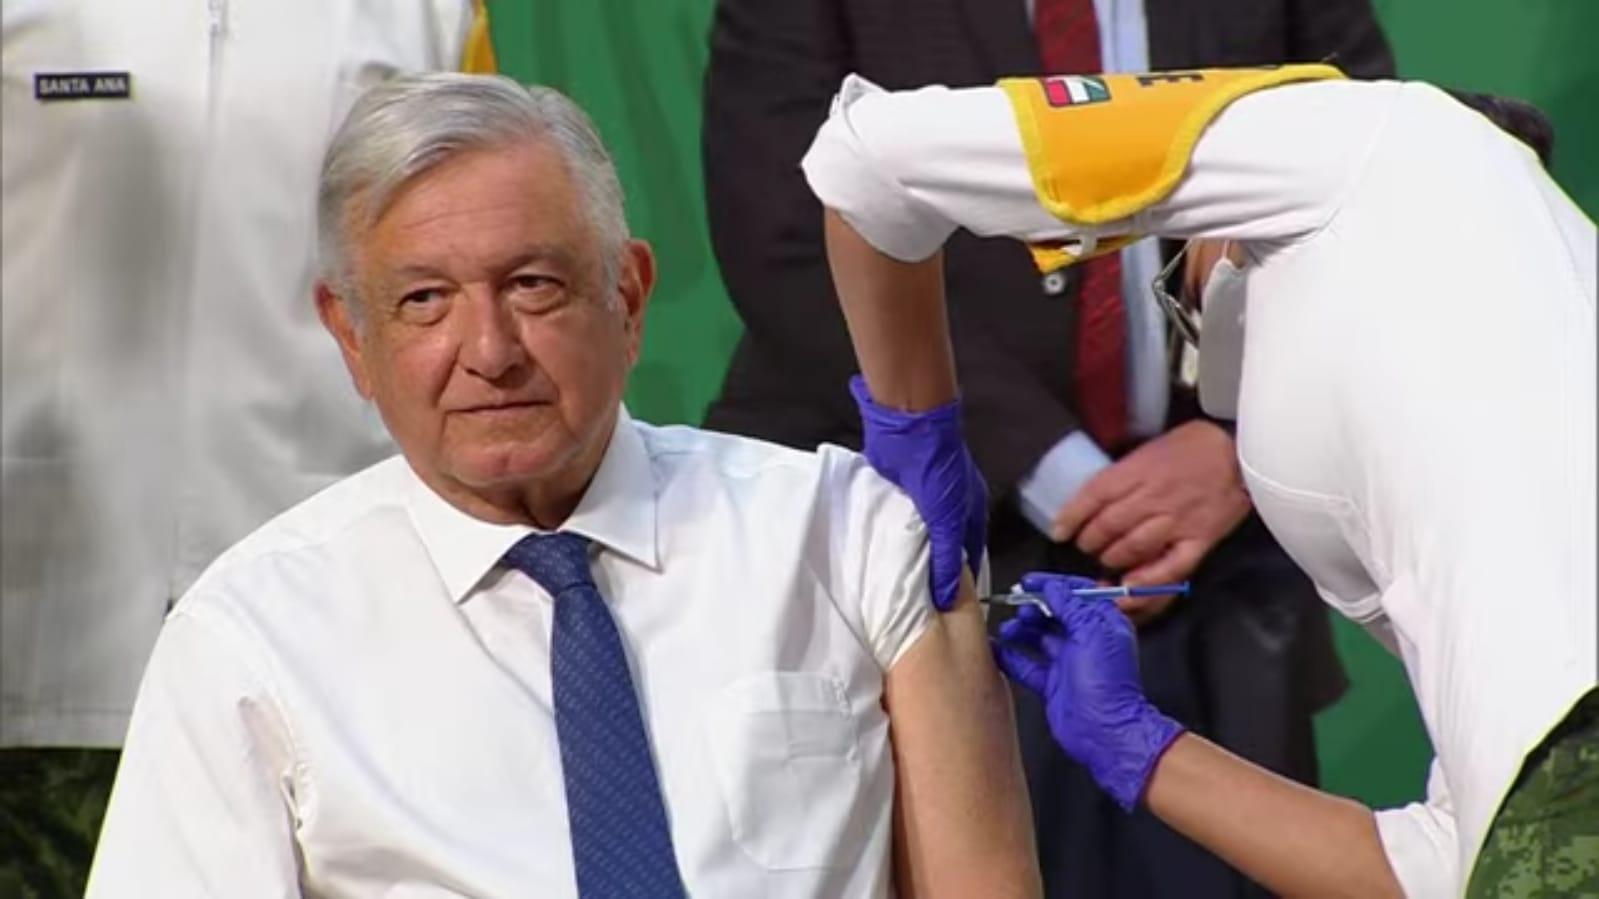 El presidente López Obrador fue vacunado; recibió primera dosis contra el COVID-19